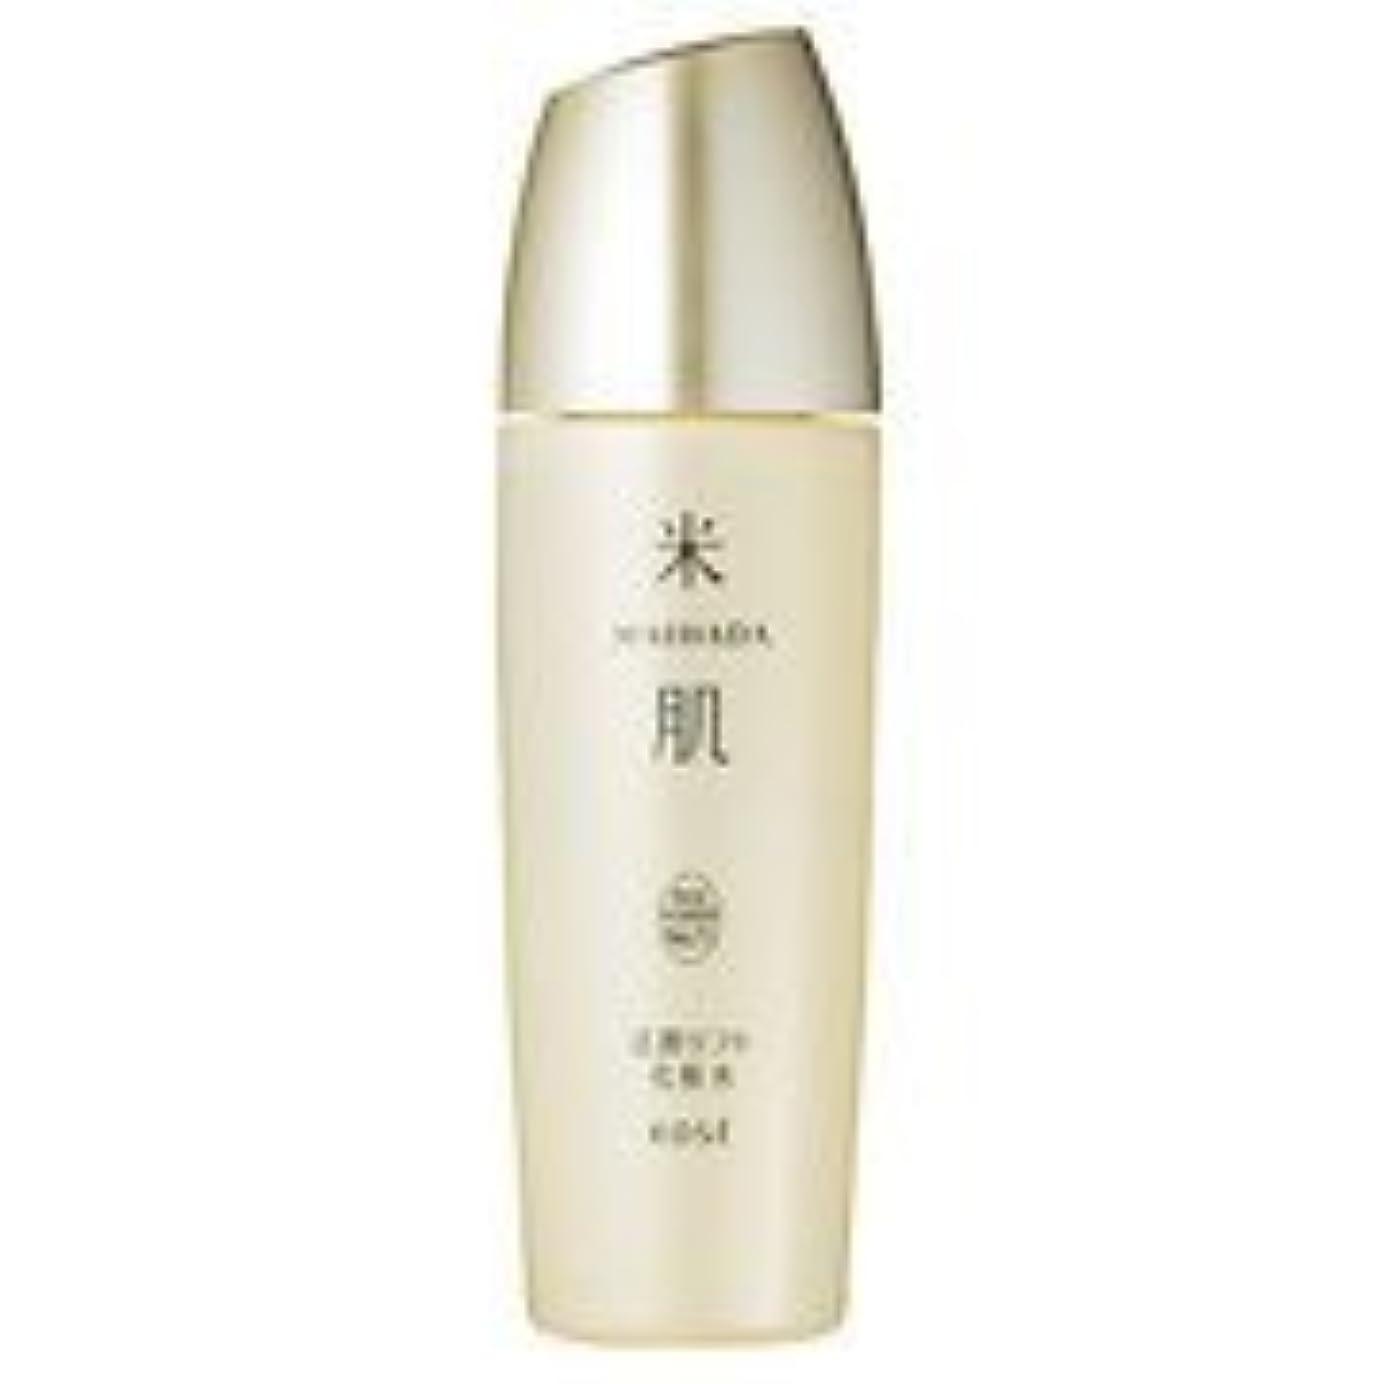 驚き名前でインスタント米肌(MAIHADA) 活潤リフト 化粧水 120ml